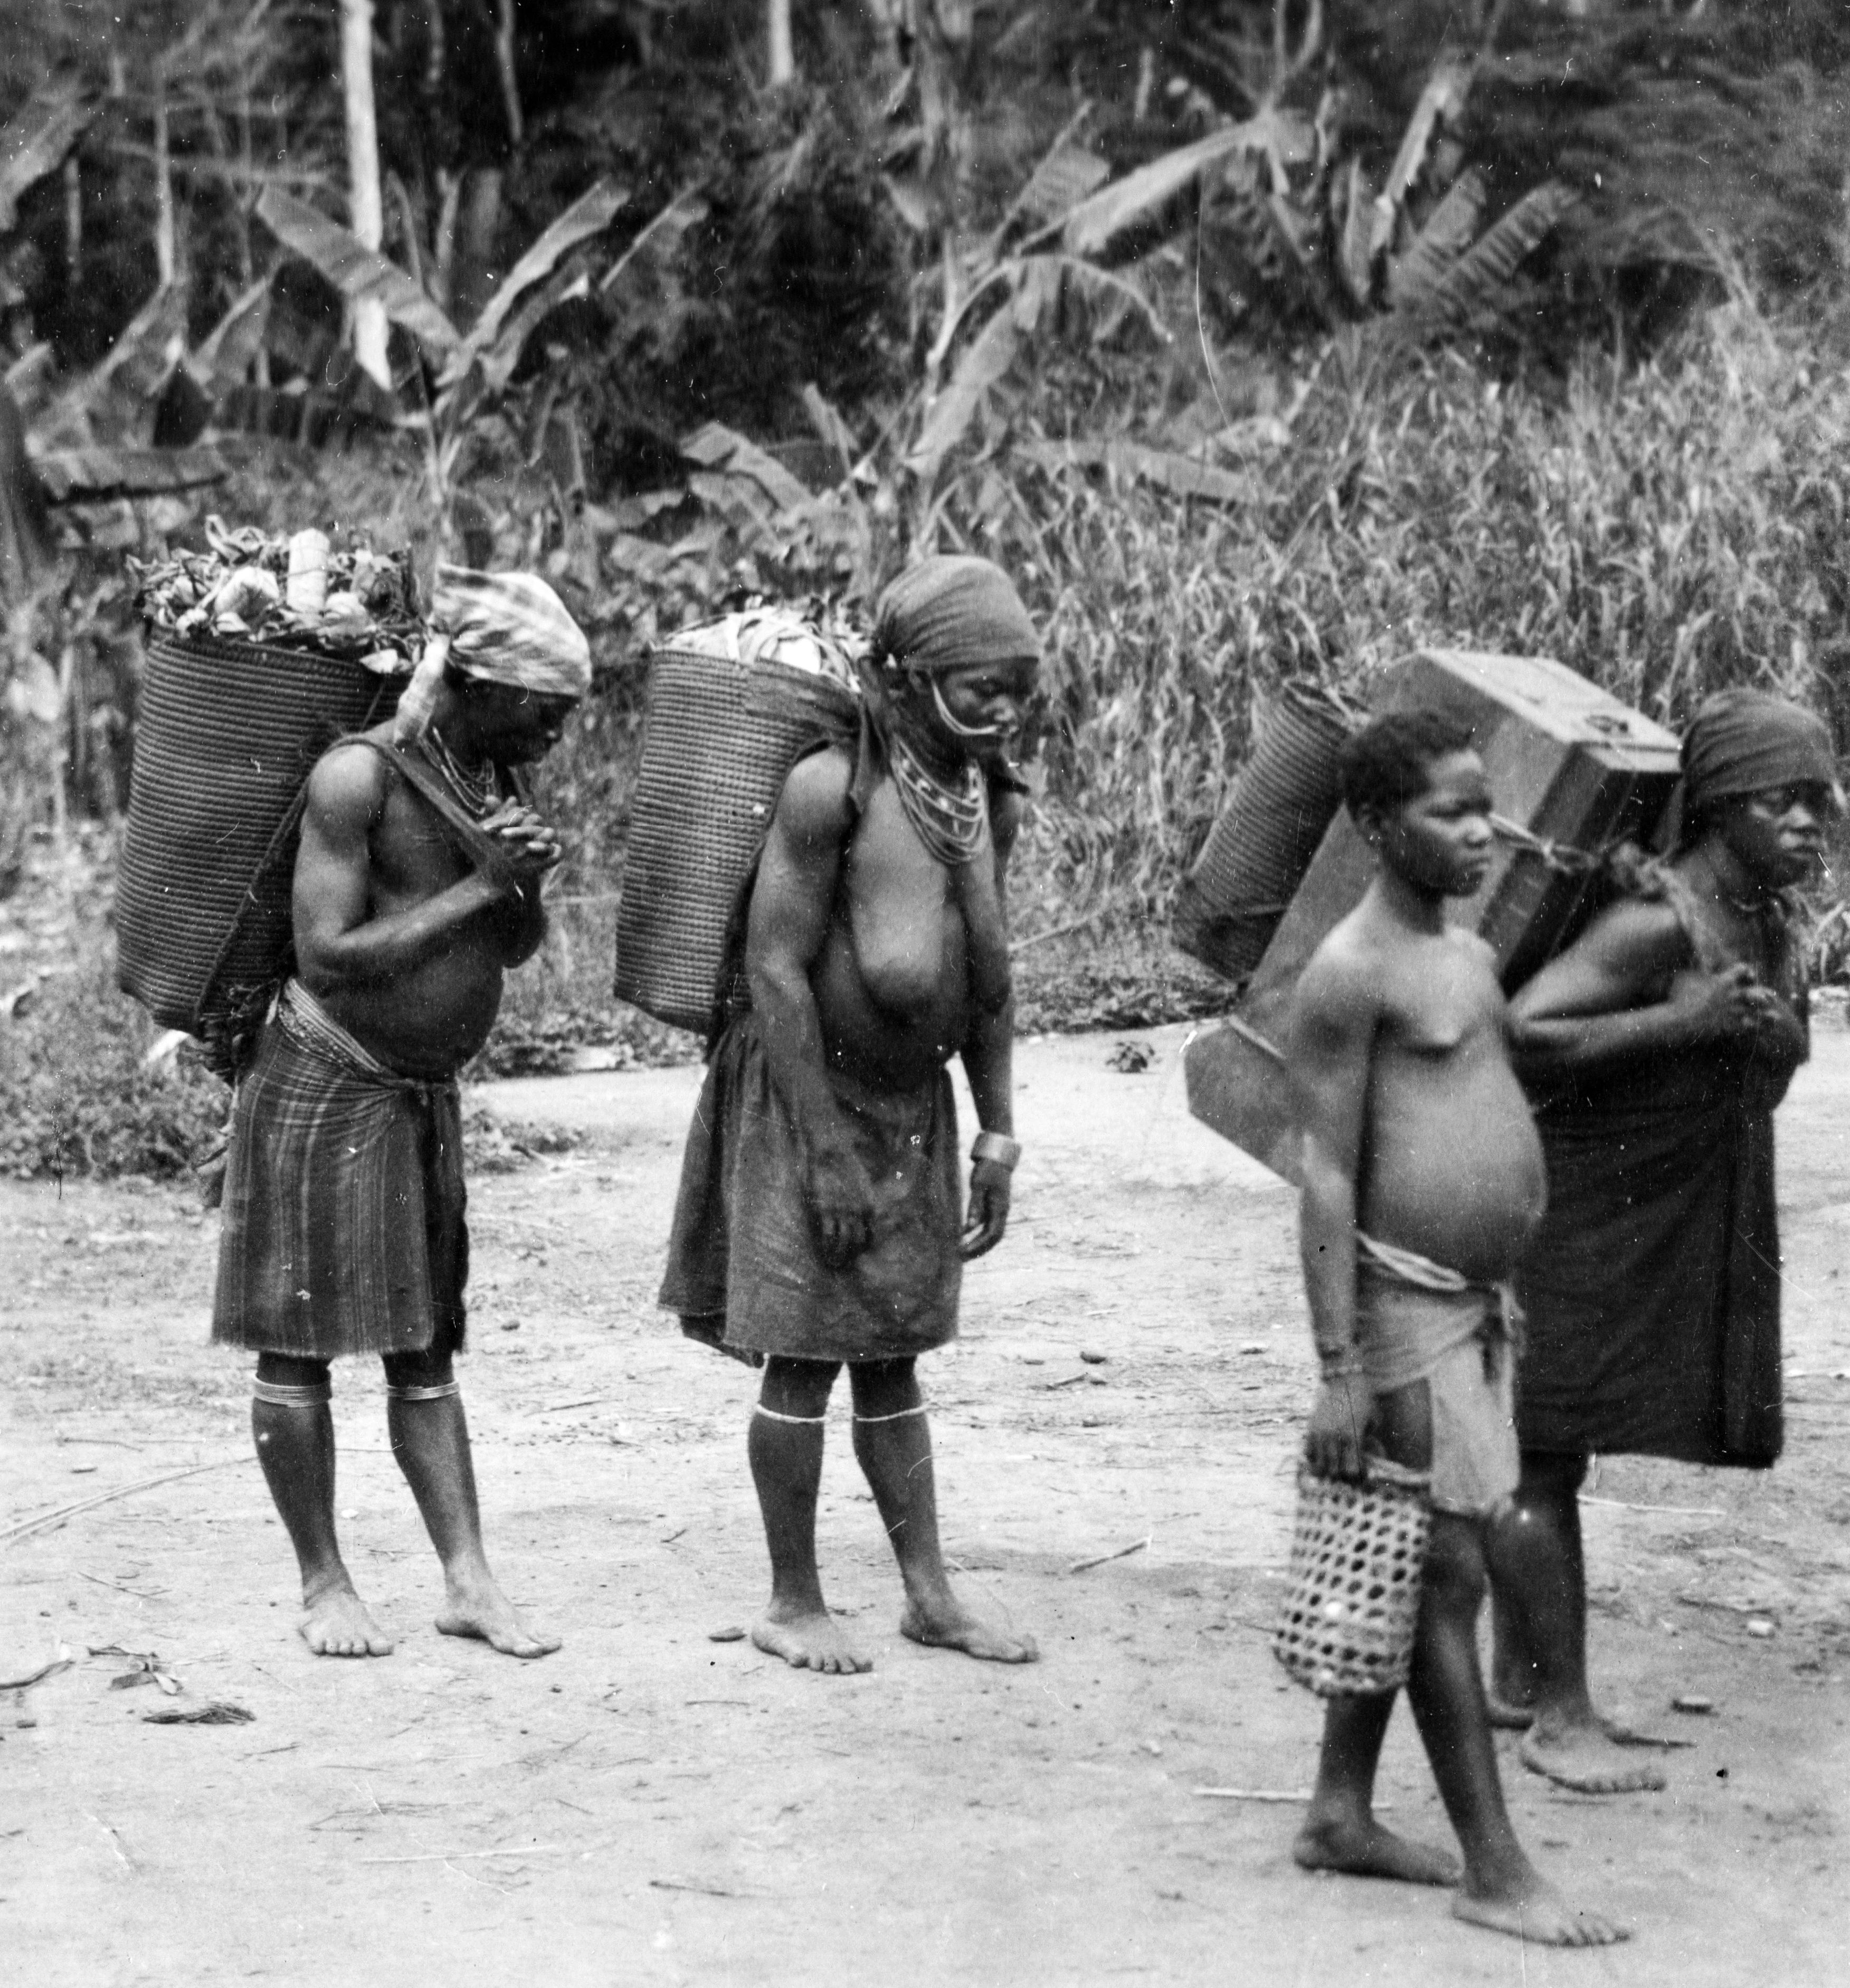 Native tribe